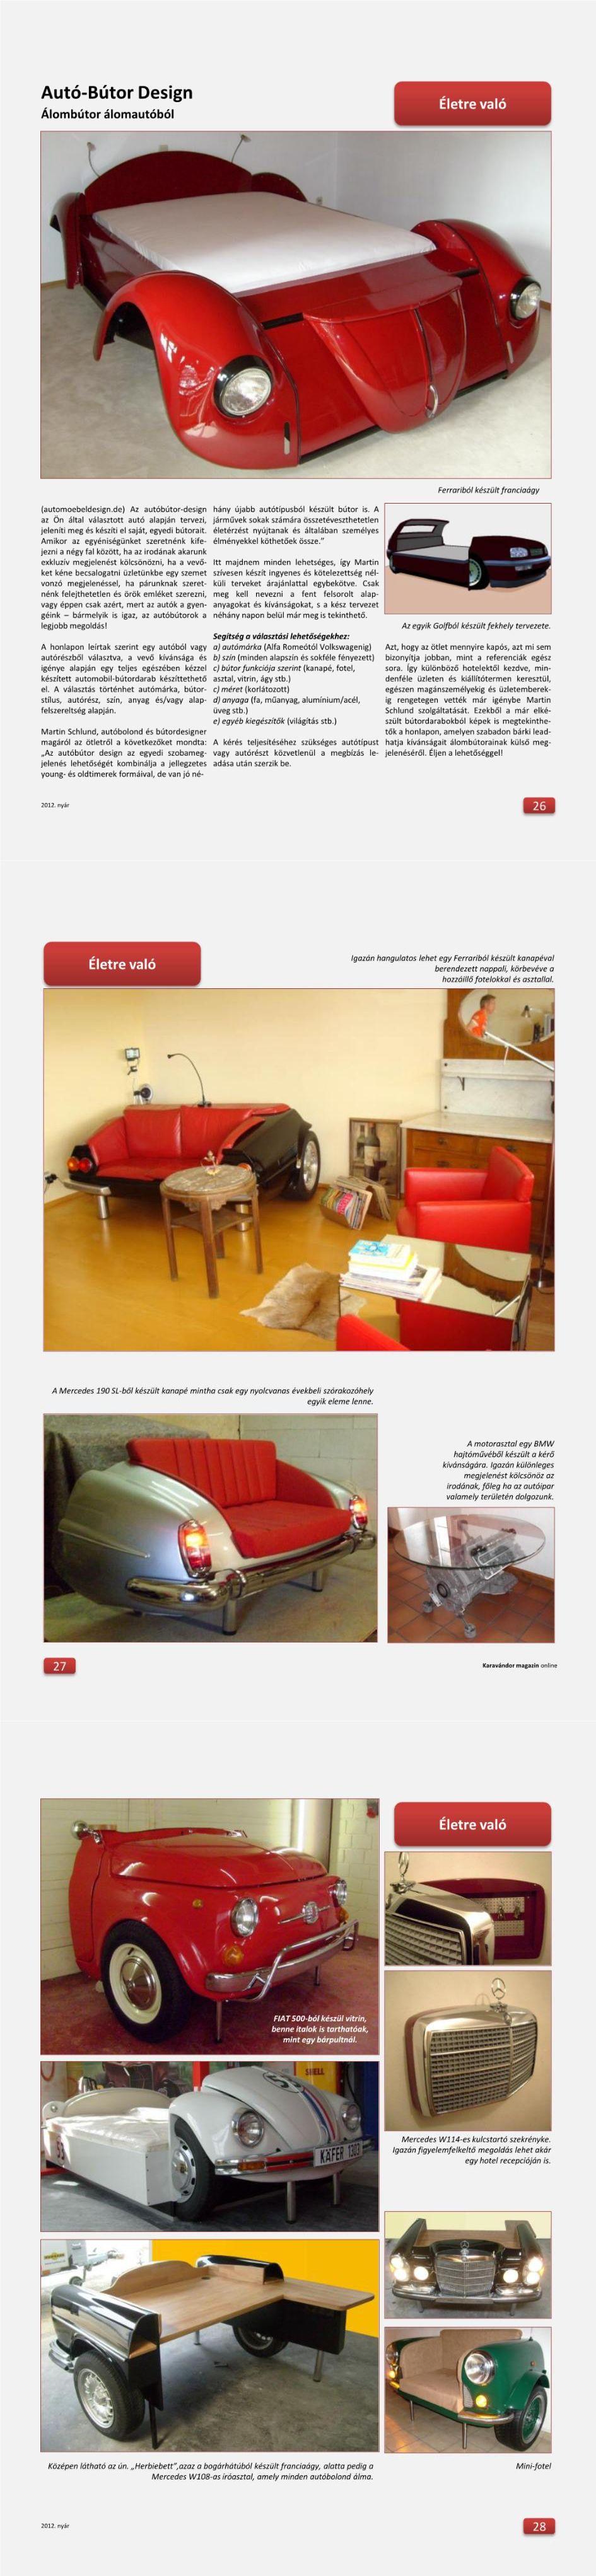 Életre való - Autó-Bútor Design